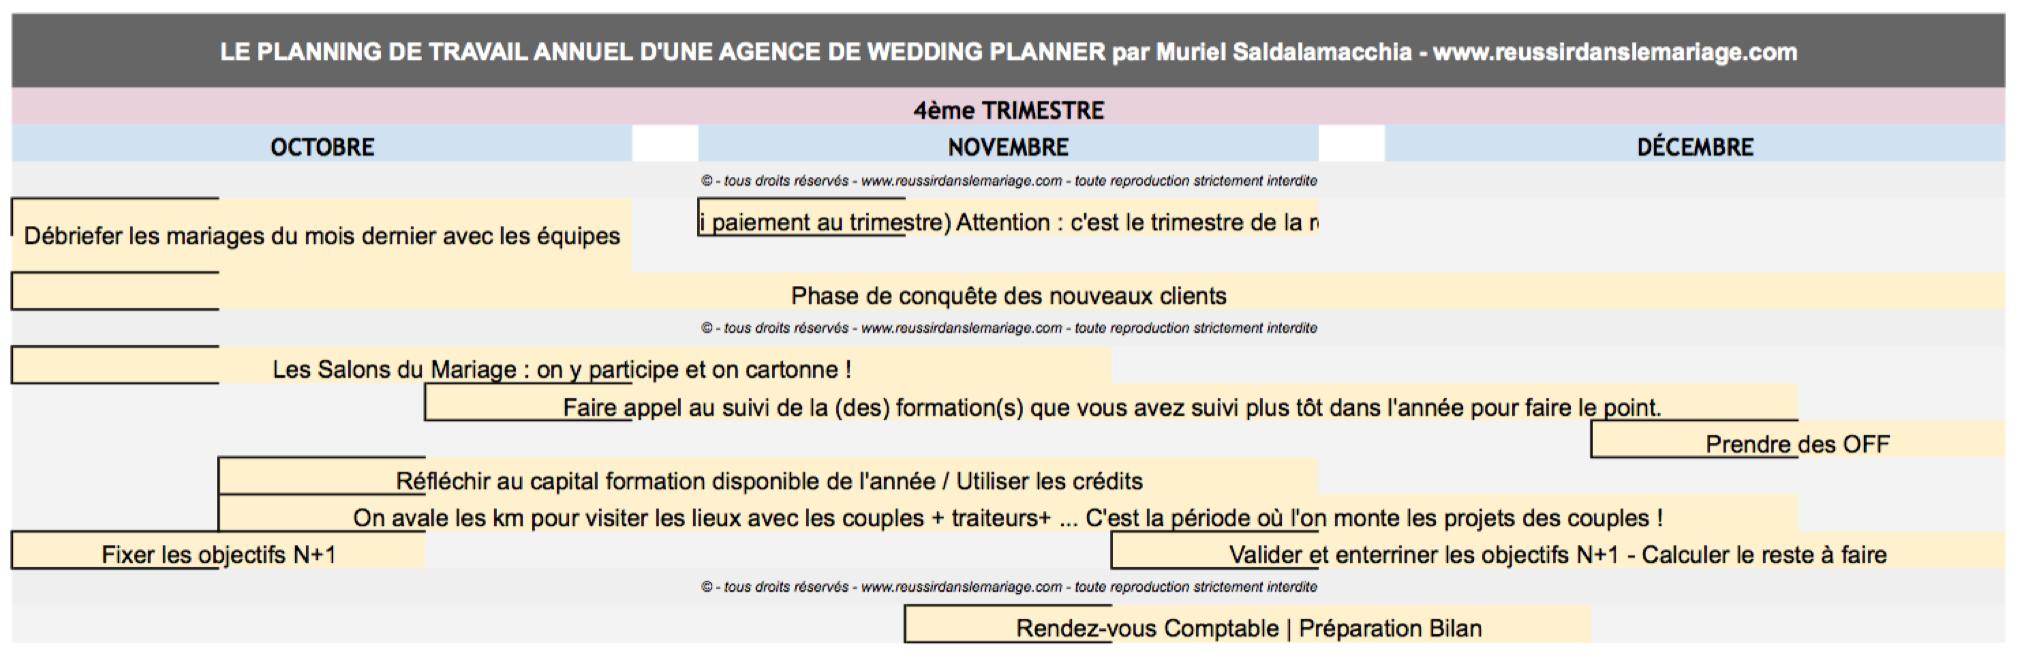 Planning Annuel de Travail d'une Wedding Planner 4ème Trimestre